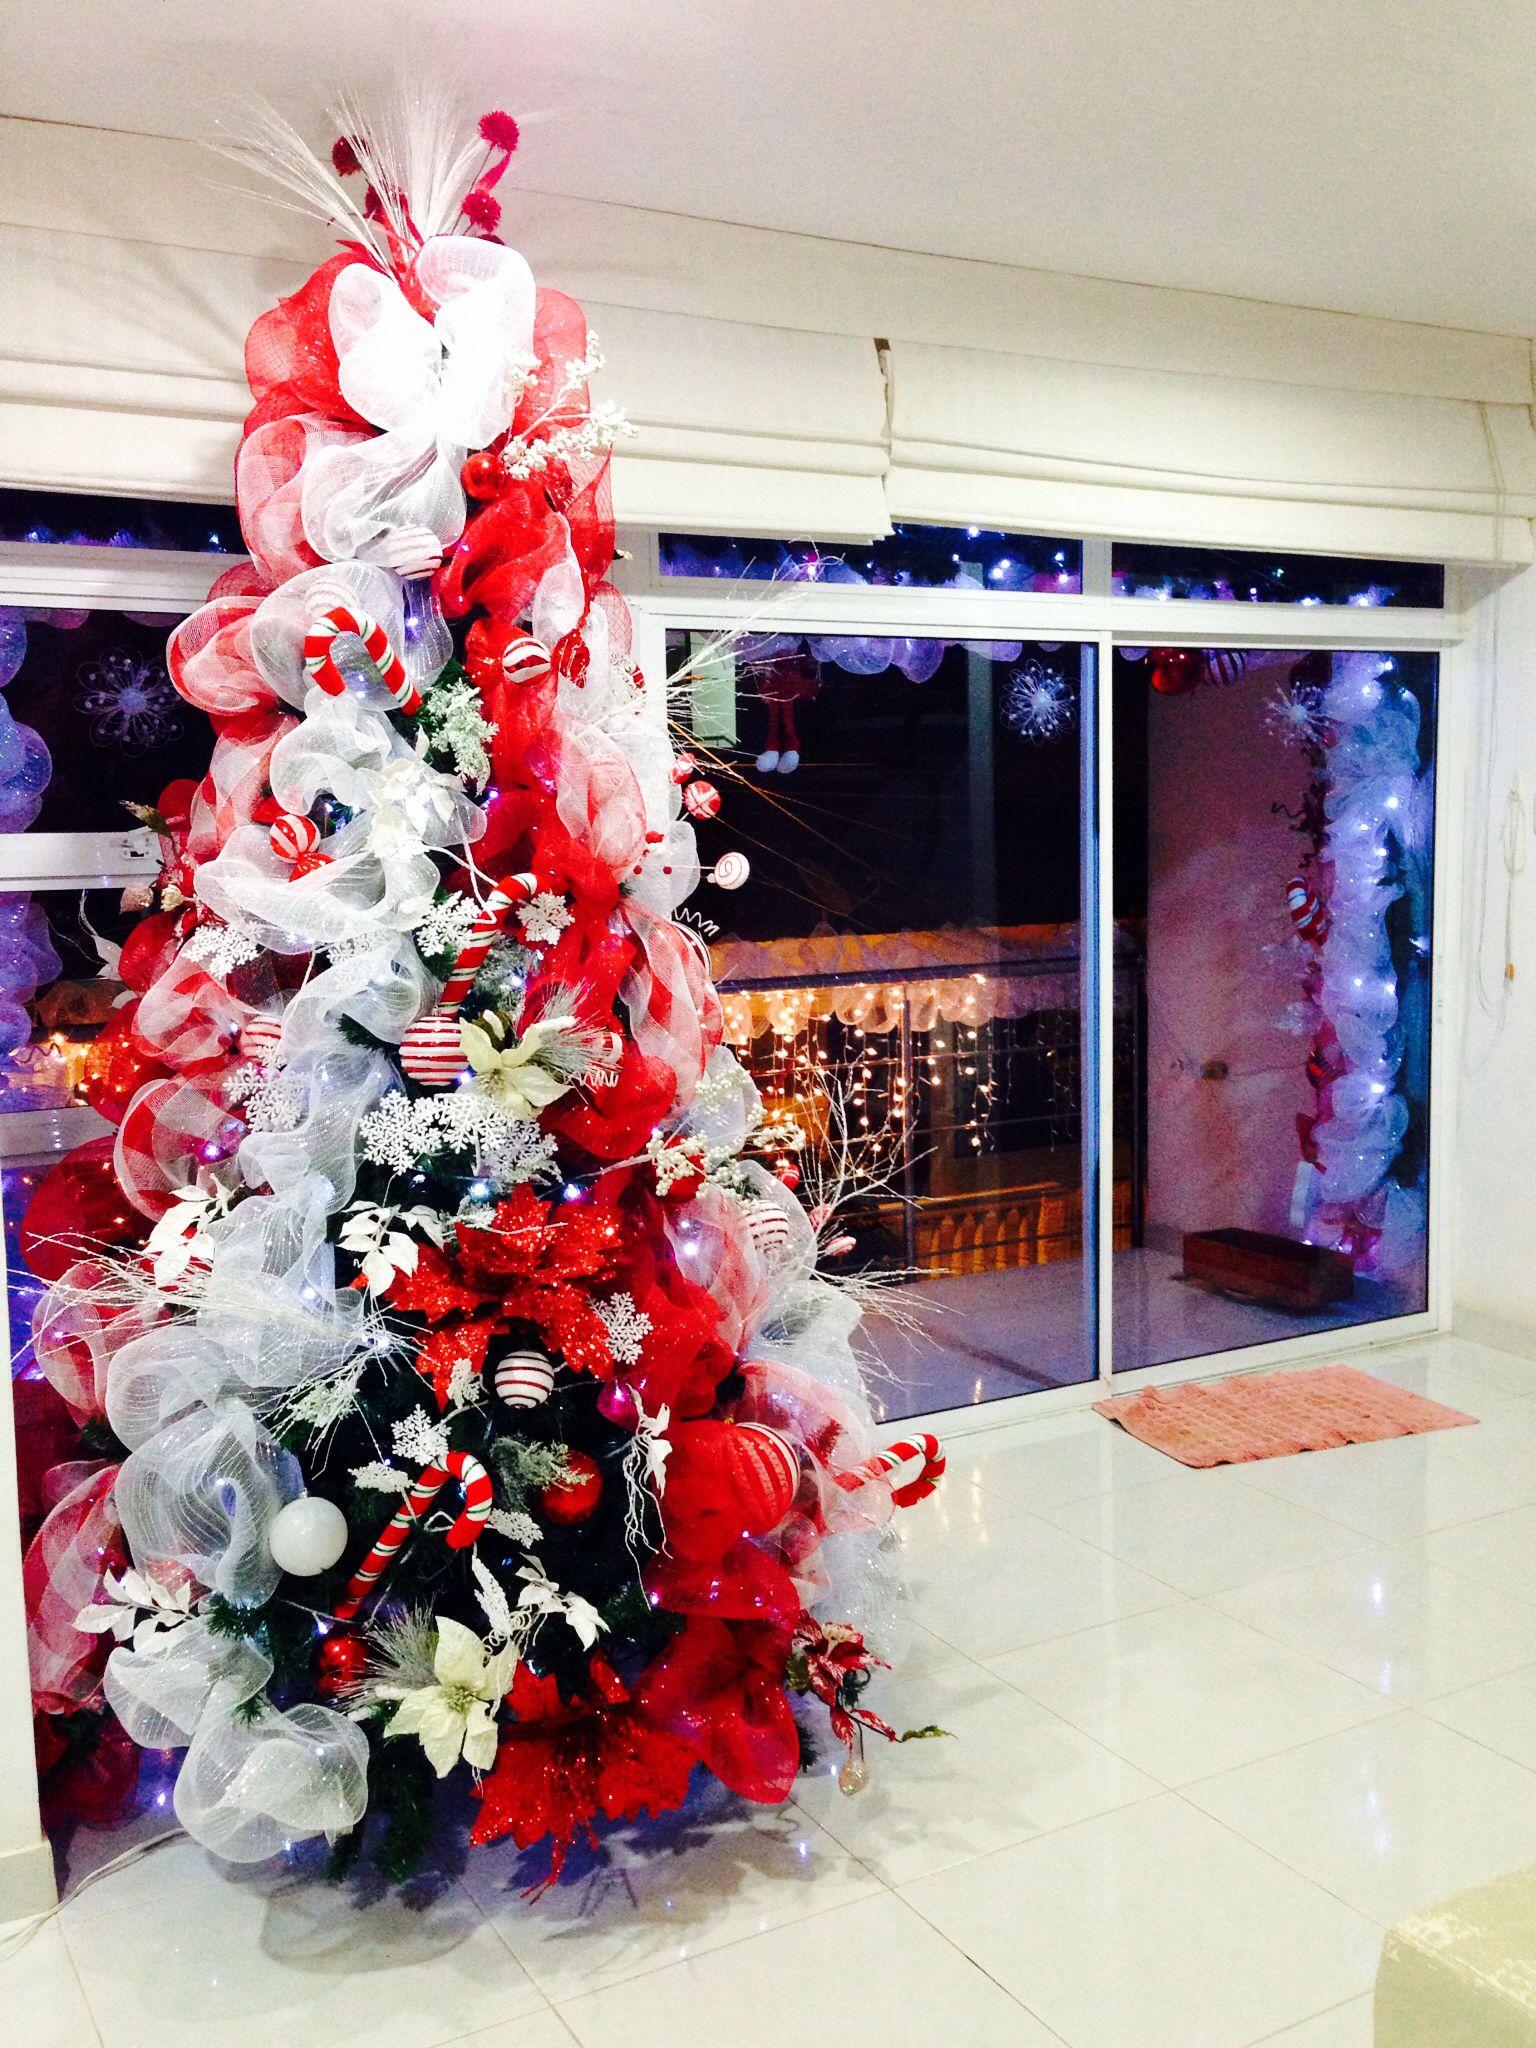 Decoracion navidad rbol rojo y blanco navidad - Decoracion para arboles de navidad blancos ...